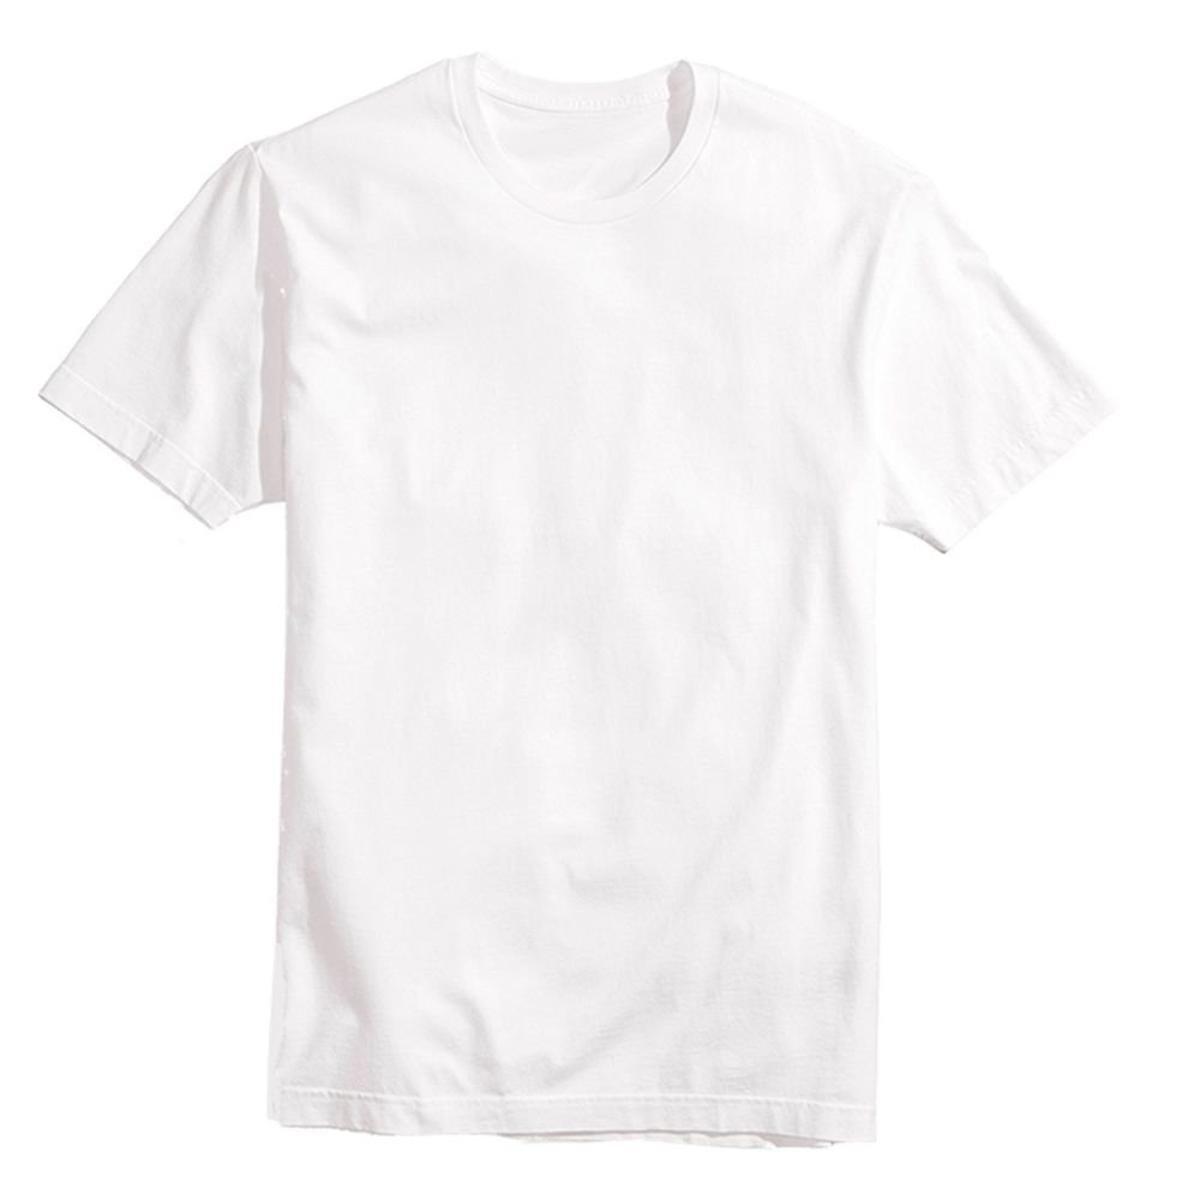 Kit 5 Camisetas Básicas Masculina T-Shirt Algodão Colors Tee - Preto ... c93c27ae17c7e